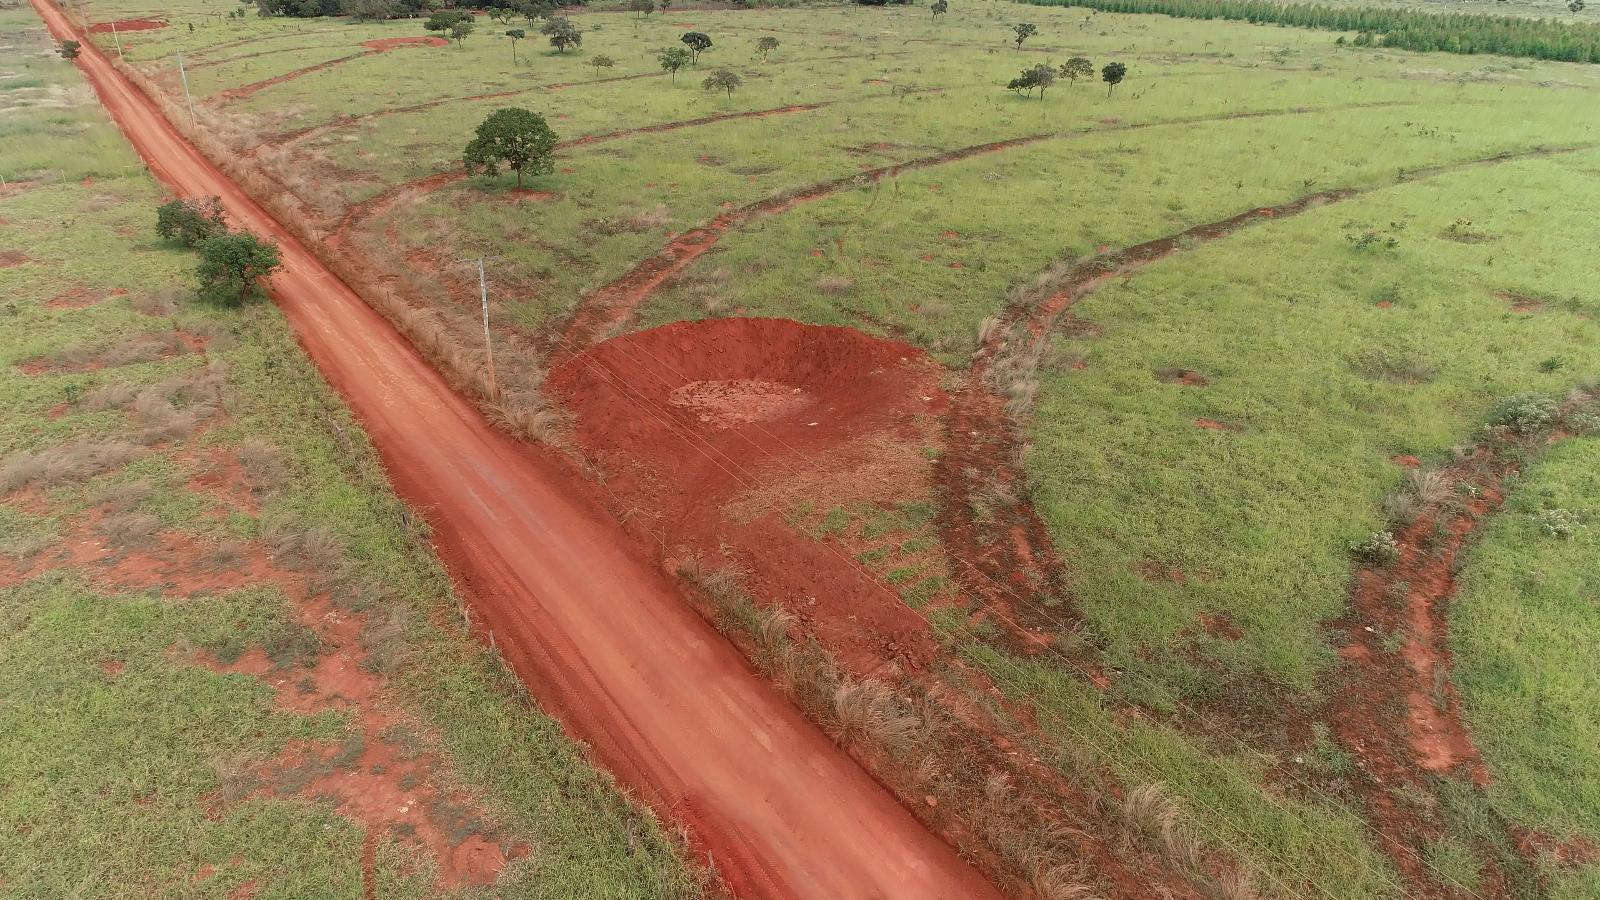 Projeto de Requalificação Ambiental do Córrego Novilha Brava é apresentado para a comunidade em webinário